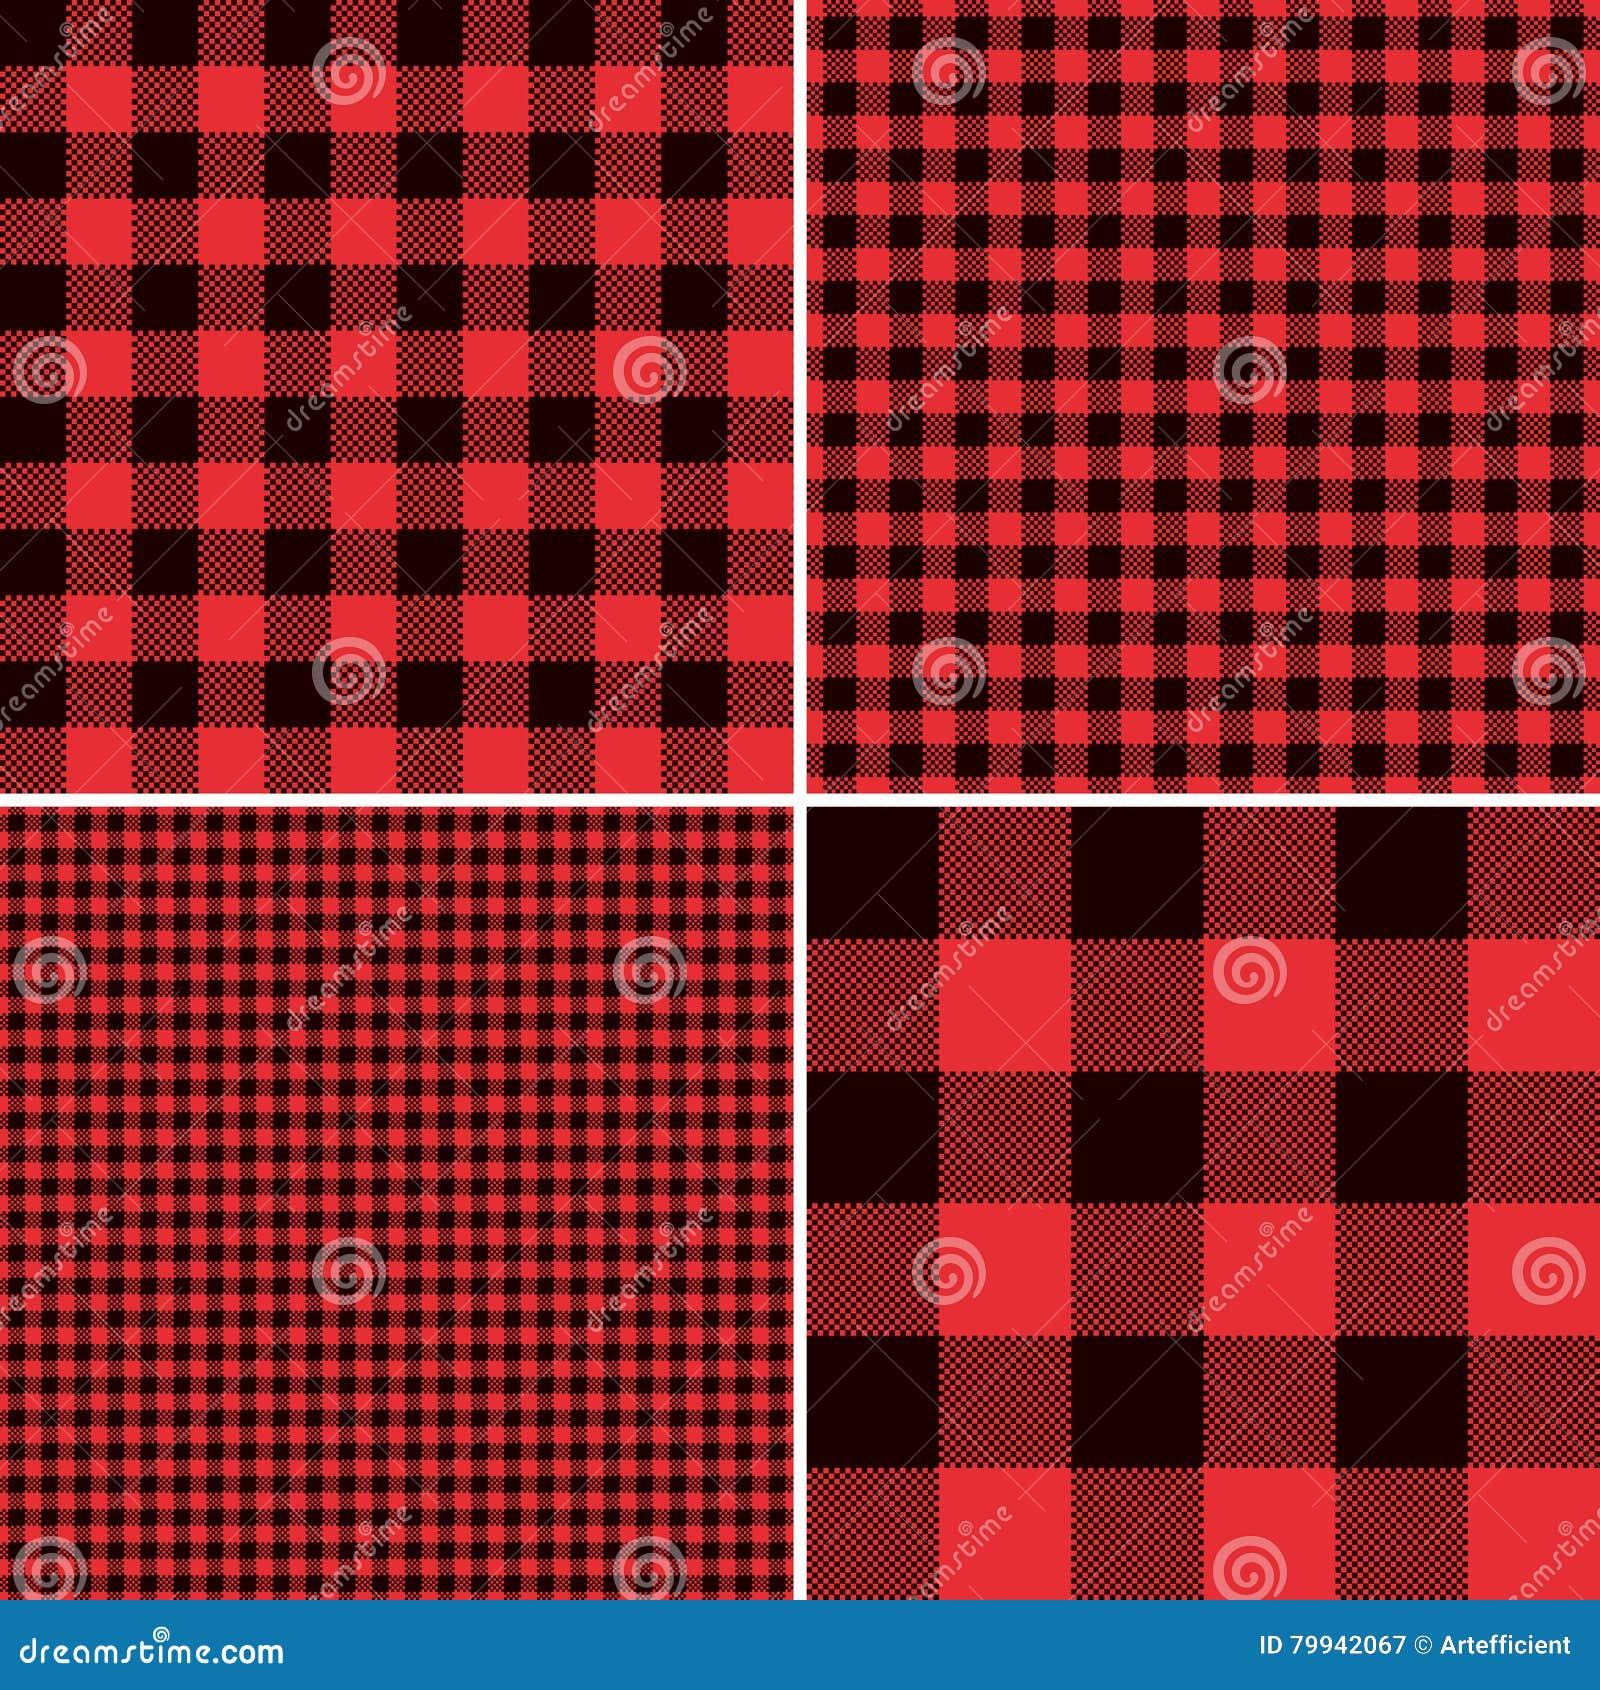 Κόκκινο καρό ελέγχου Buffalo υλοτόμων και τετραγωνικά Gingham εικονοκυττάρου σχέδια